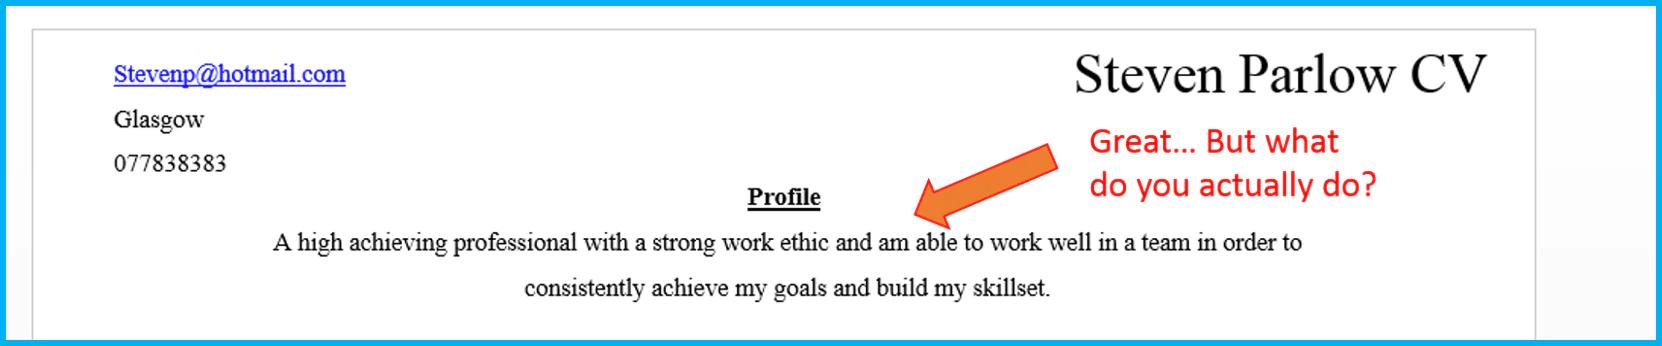 CV cliché example